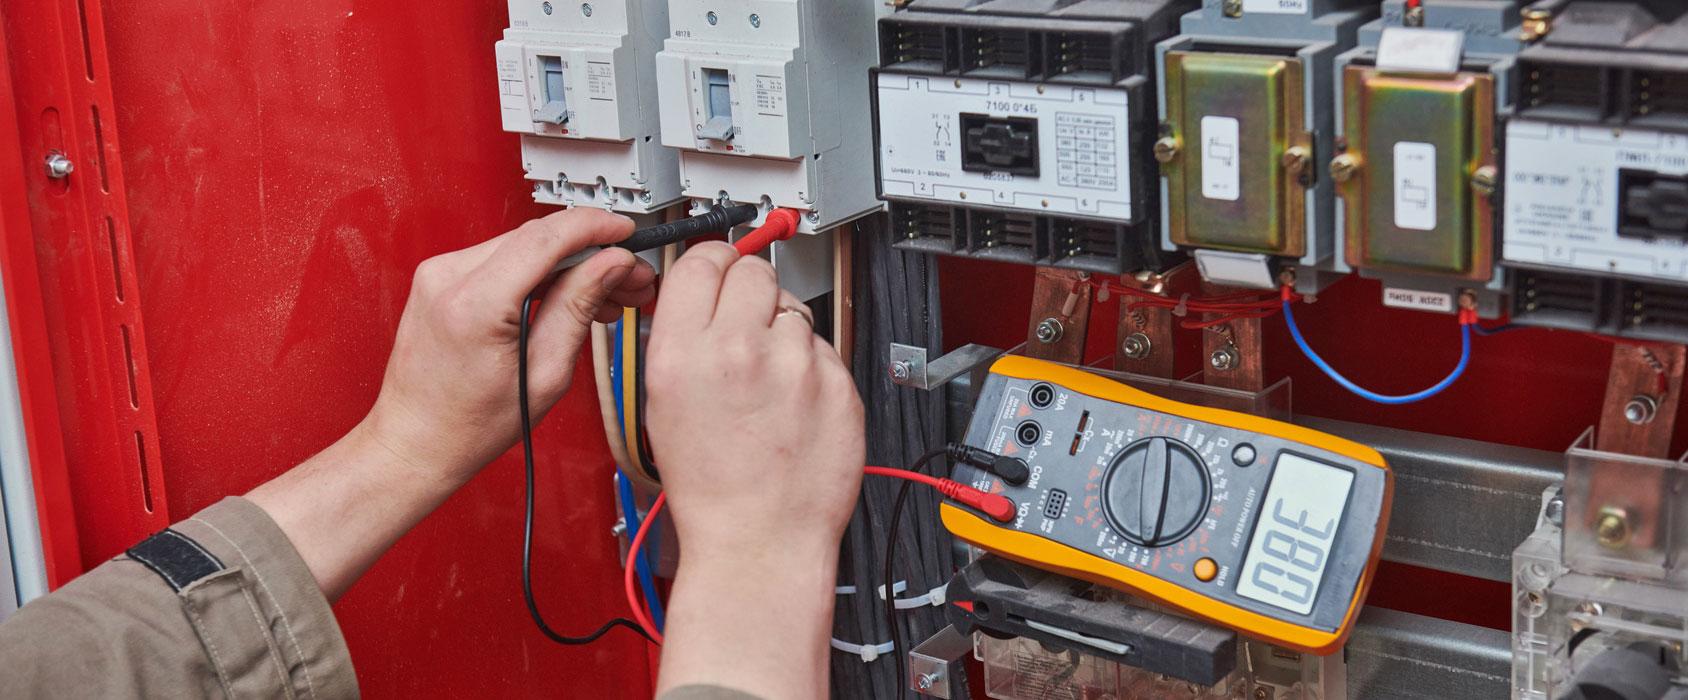 Dépannage électricité professionnels